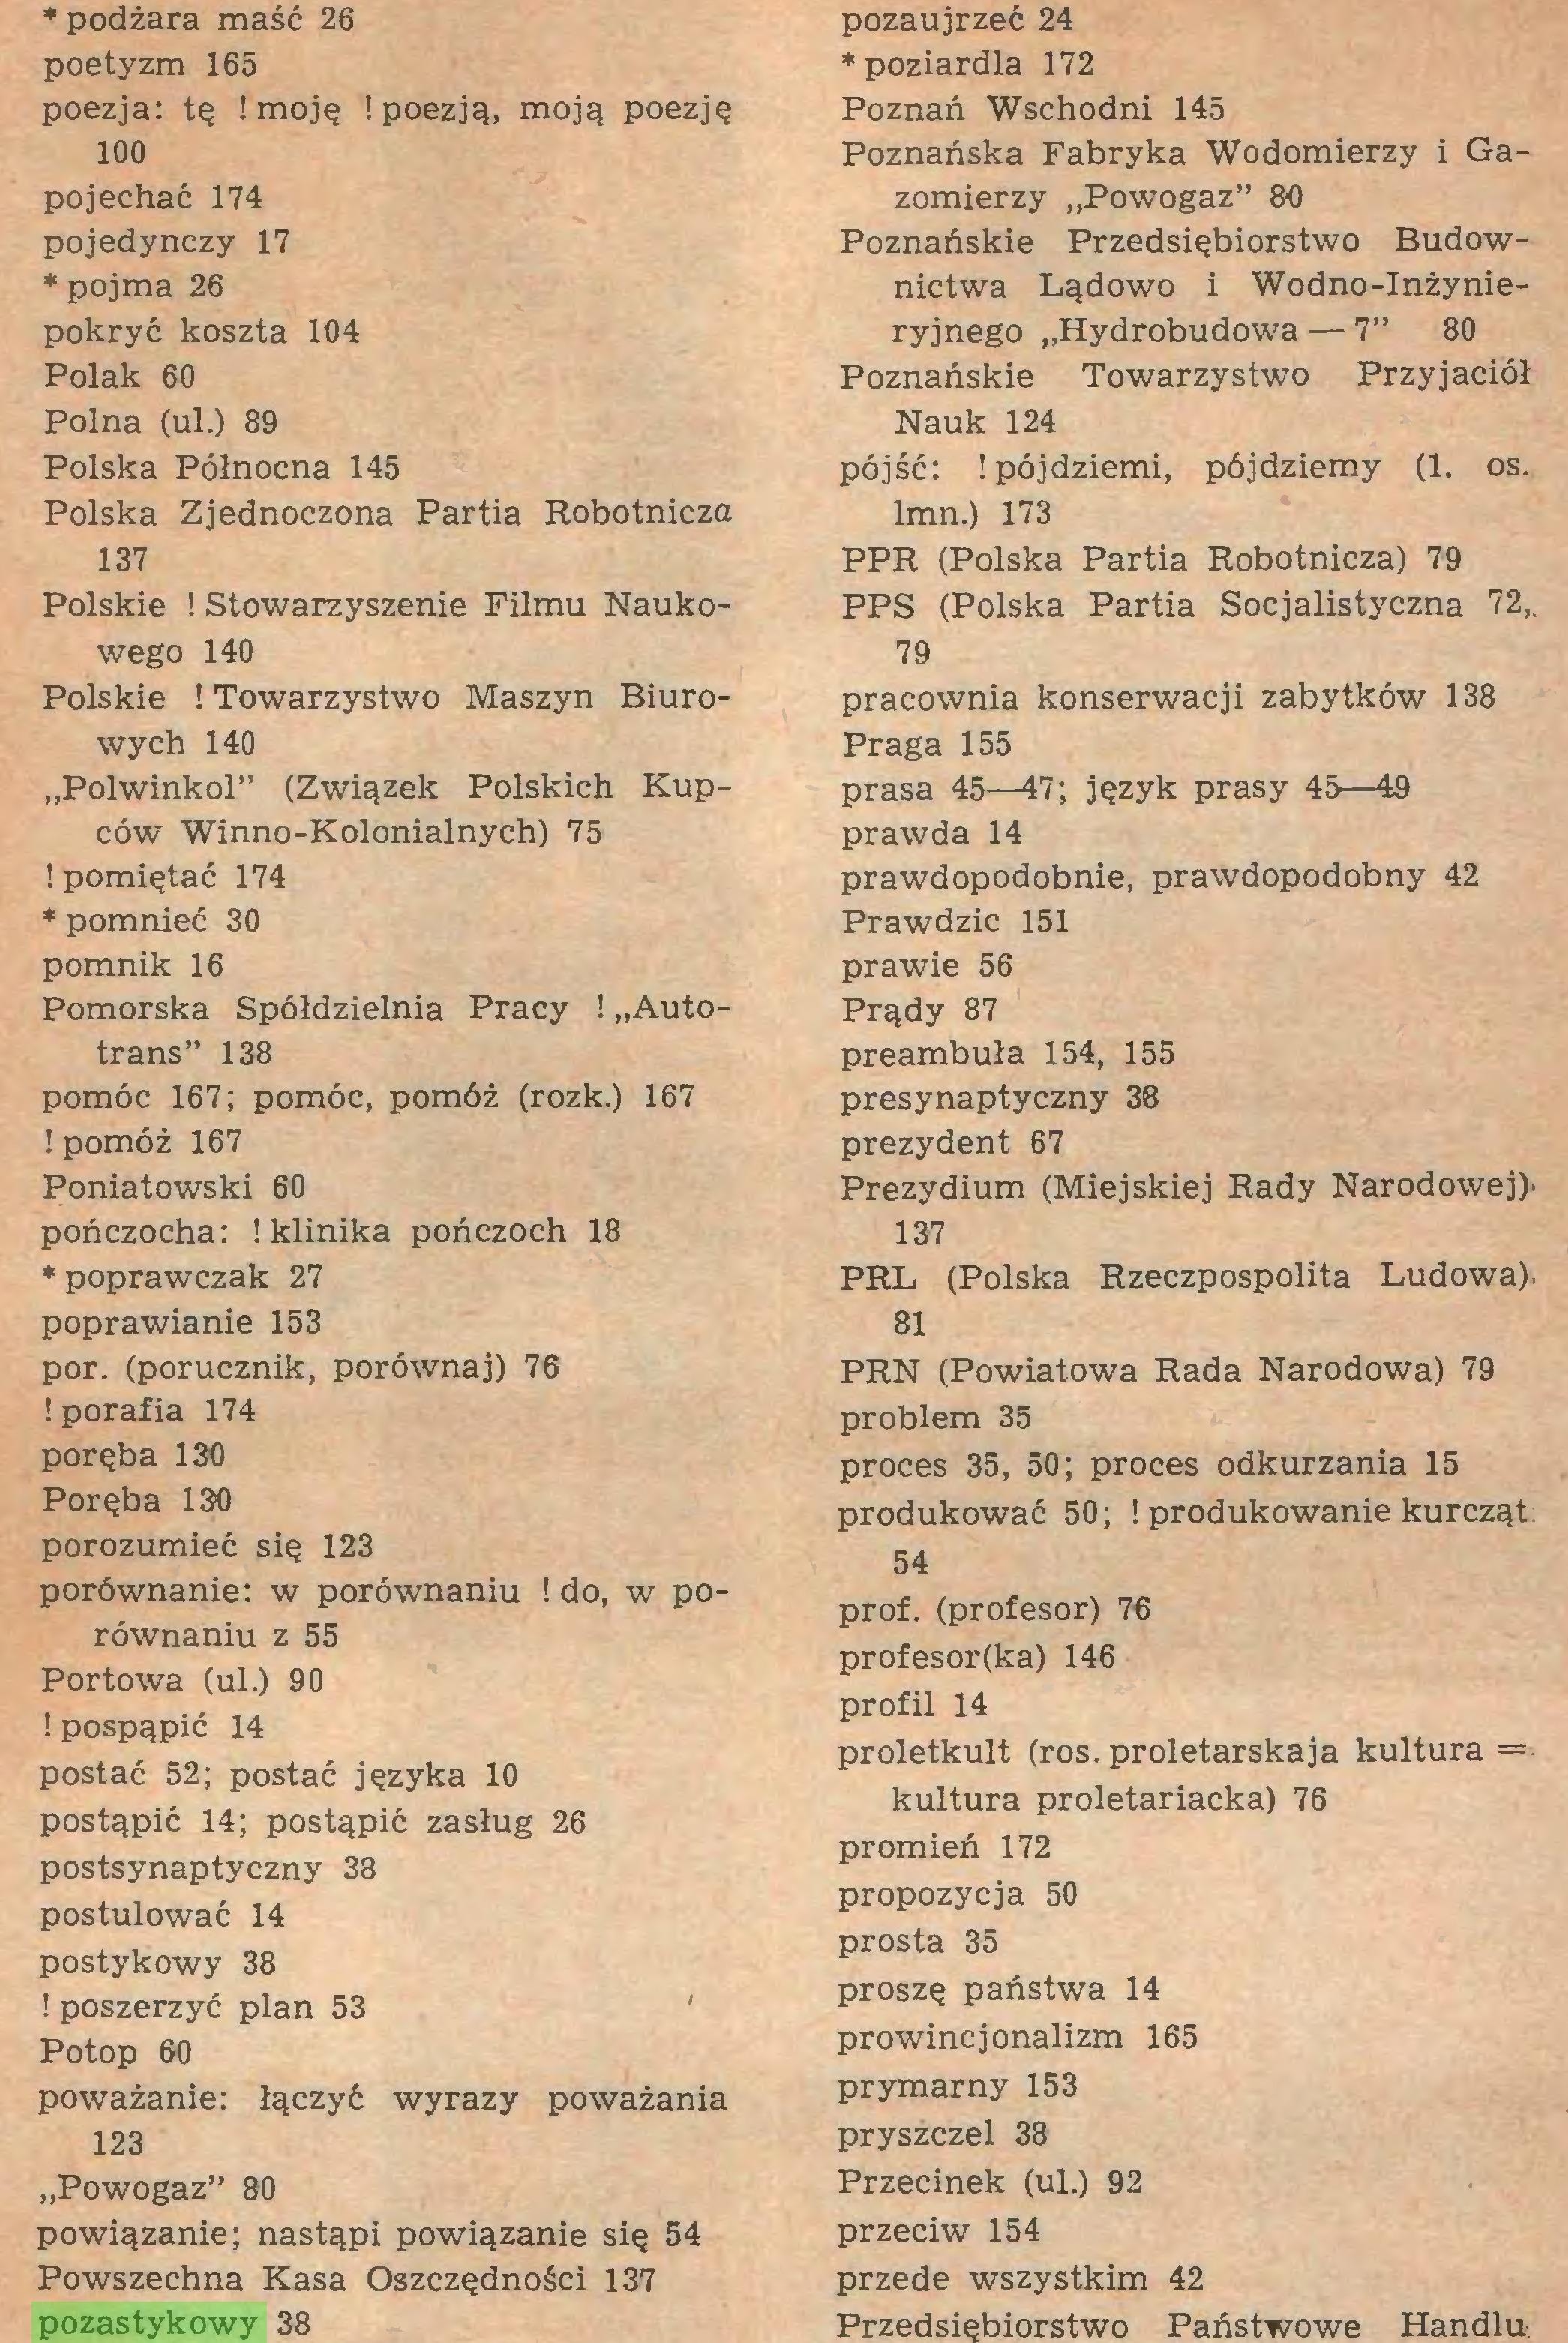 """(...) ! poszerzyć plan 53 Potop 60 poważanie: łączyć wyrazy poważania 123 """"Powogaz"""" 86 powiązanie; nastąpi powiązanie się 54 Powszechna Kasa Oszczędności 137 pozastykowy 38 pozaujrzeć 24 *poziardla 172 Poznań Wschodni 145 Poznańska Fabryka Wodomierzy i Gazomierzy """"Powogaz"""" 86 Poznańskie Przedsiębiorstwo Budownictwa Lądowo i Wodno-Inżynieryjnego """"Hydrobudowa — 7"""" 80 Poznańskie Towarzystwo Przyjaciół Nauk 124 pójść: ¡pójdziemi, pójdziemy (1. os..."""